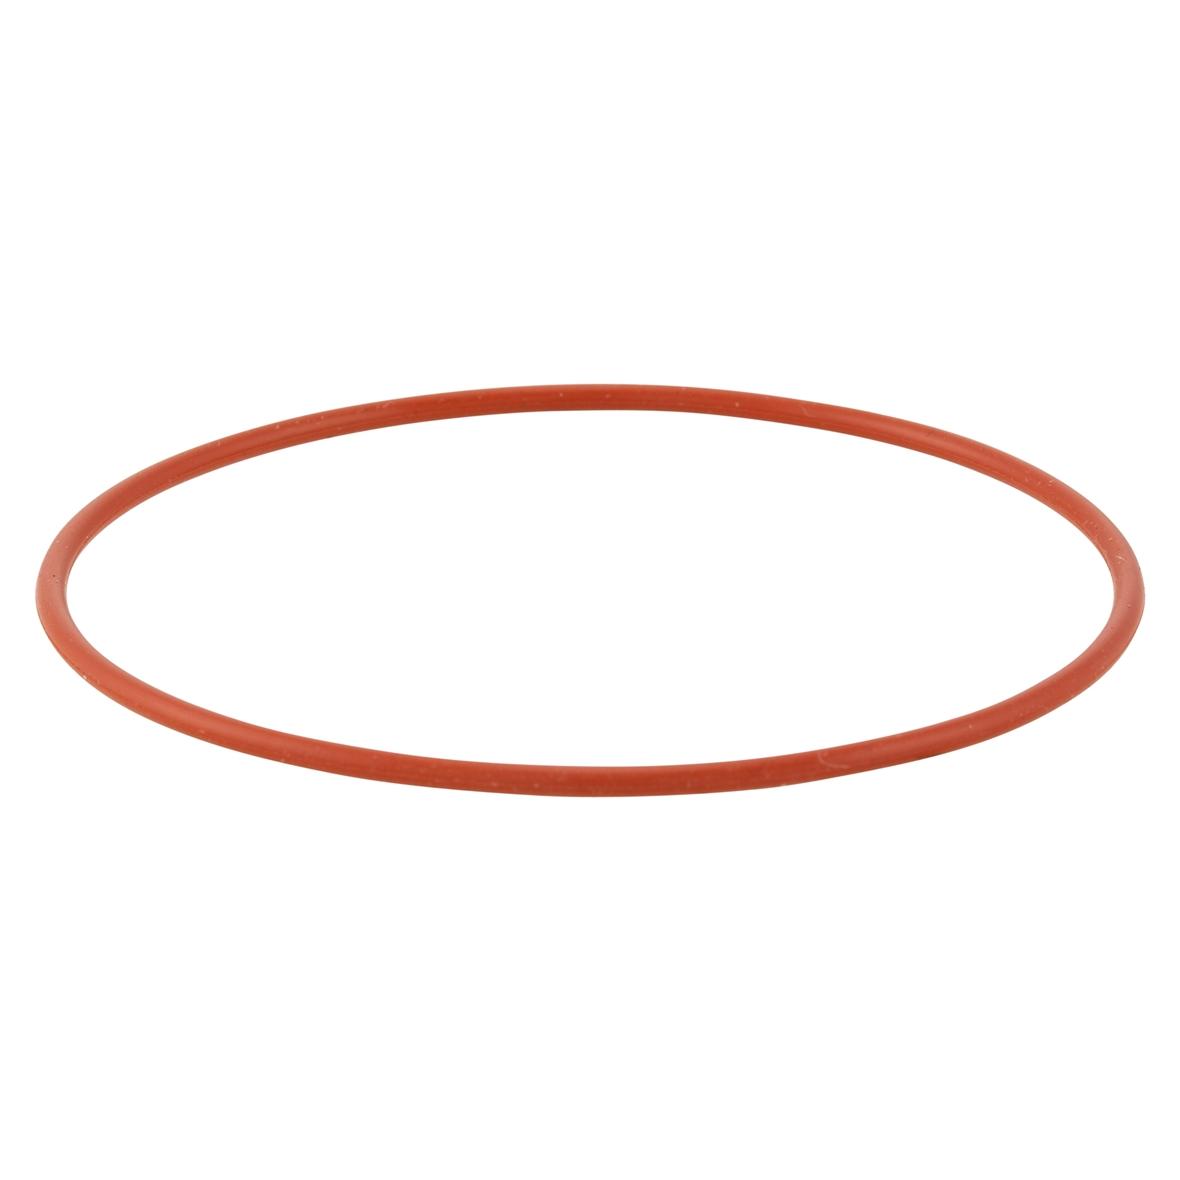 Image du produit 'Bague d'étanchéité correcteur de couple, PIAGGIO'